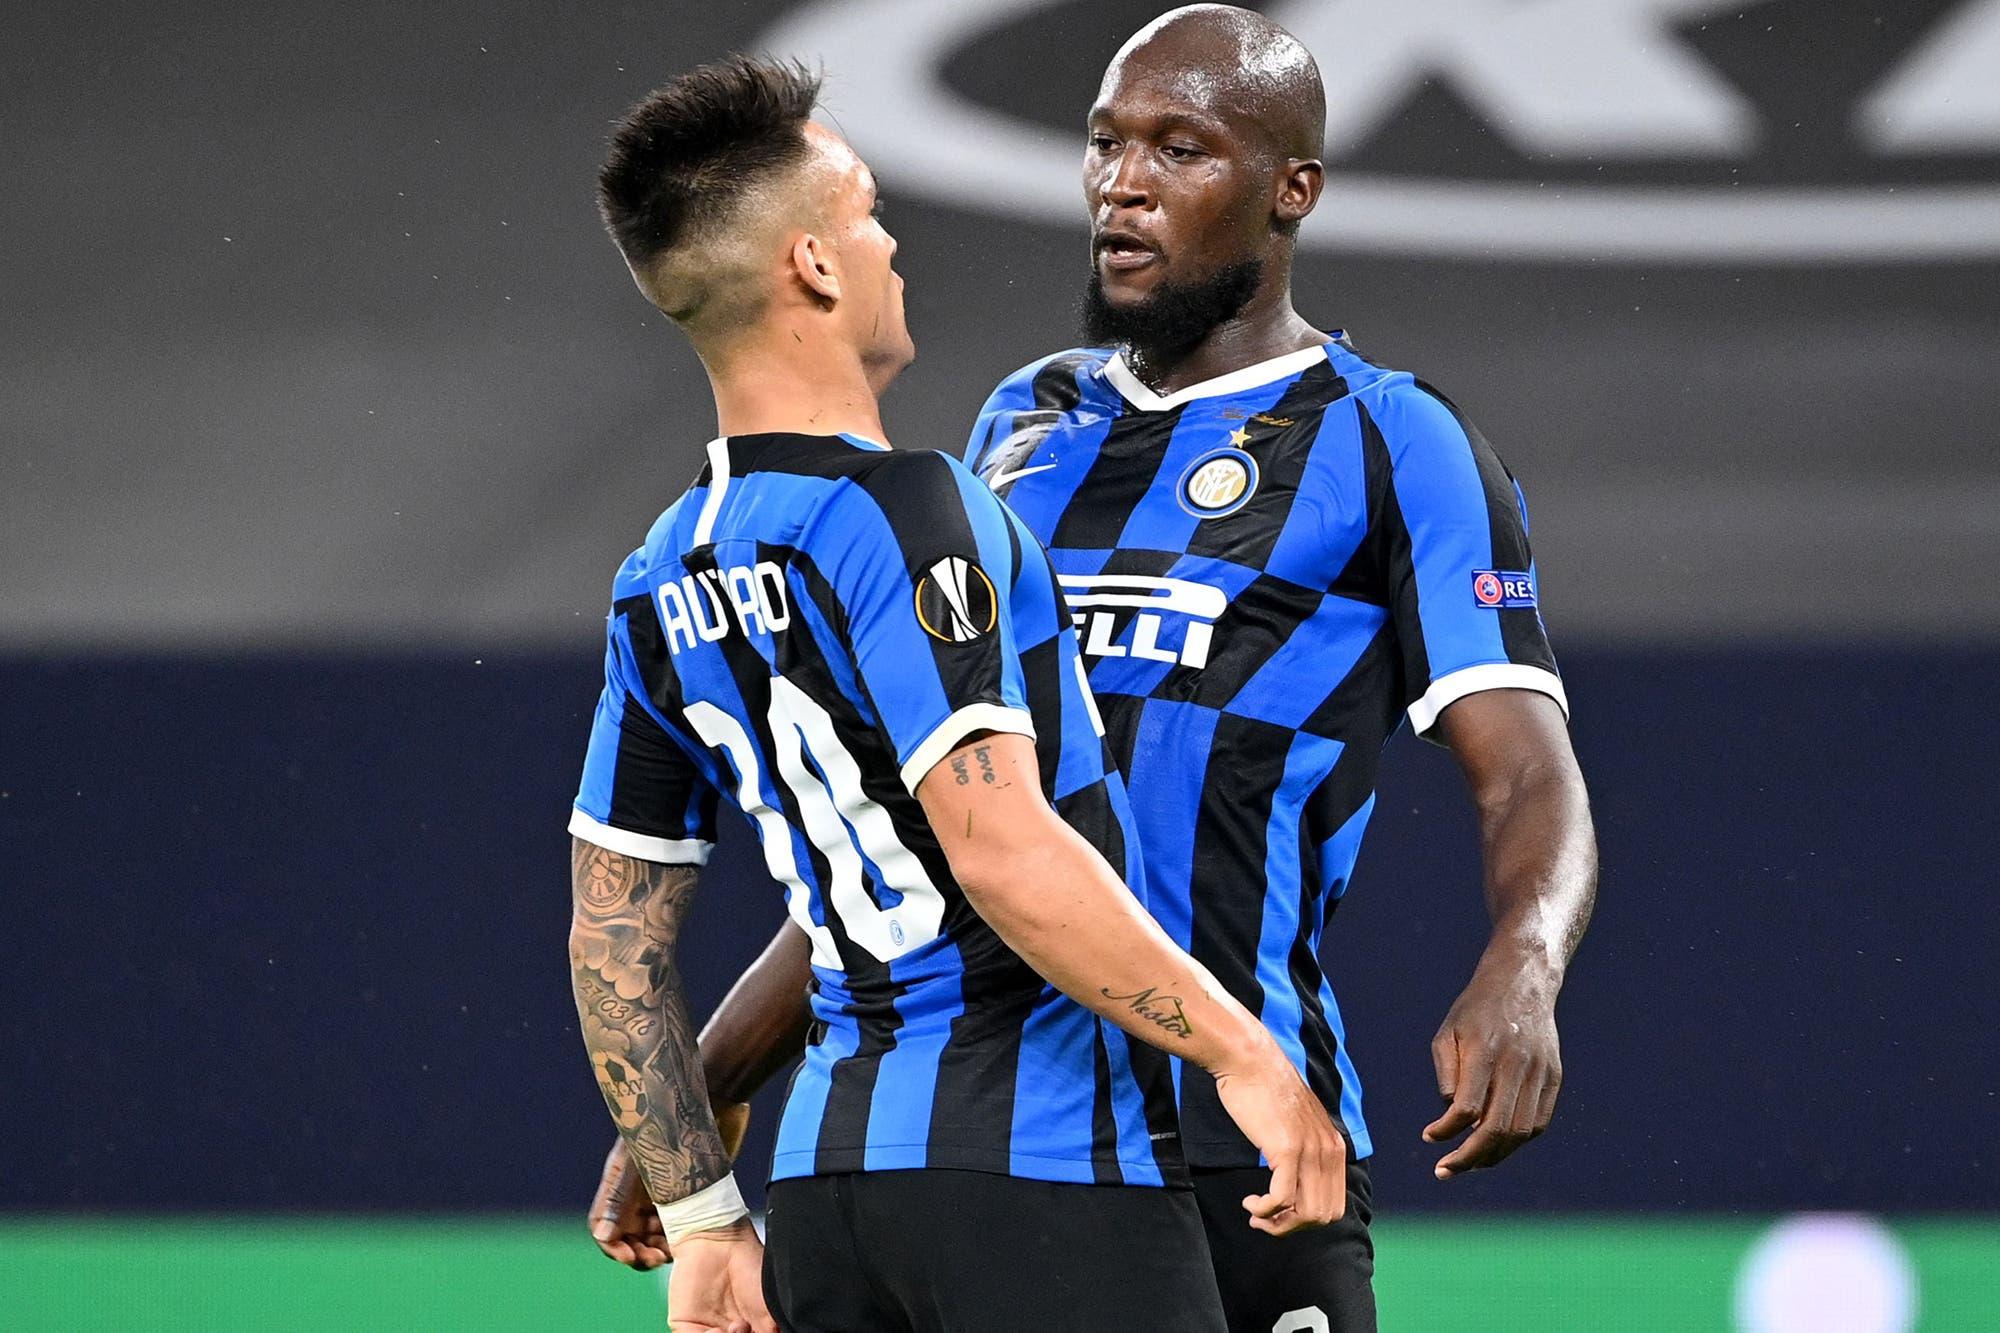 Inter-Fiorentina, Serie A de Italia: horario, TV y formaciones del debut con público del equipo de Lautaro